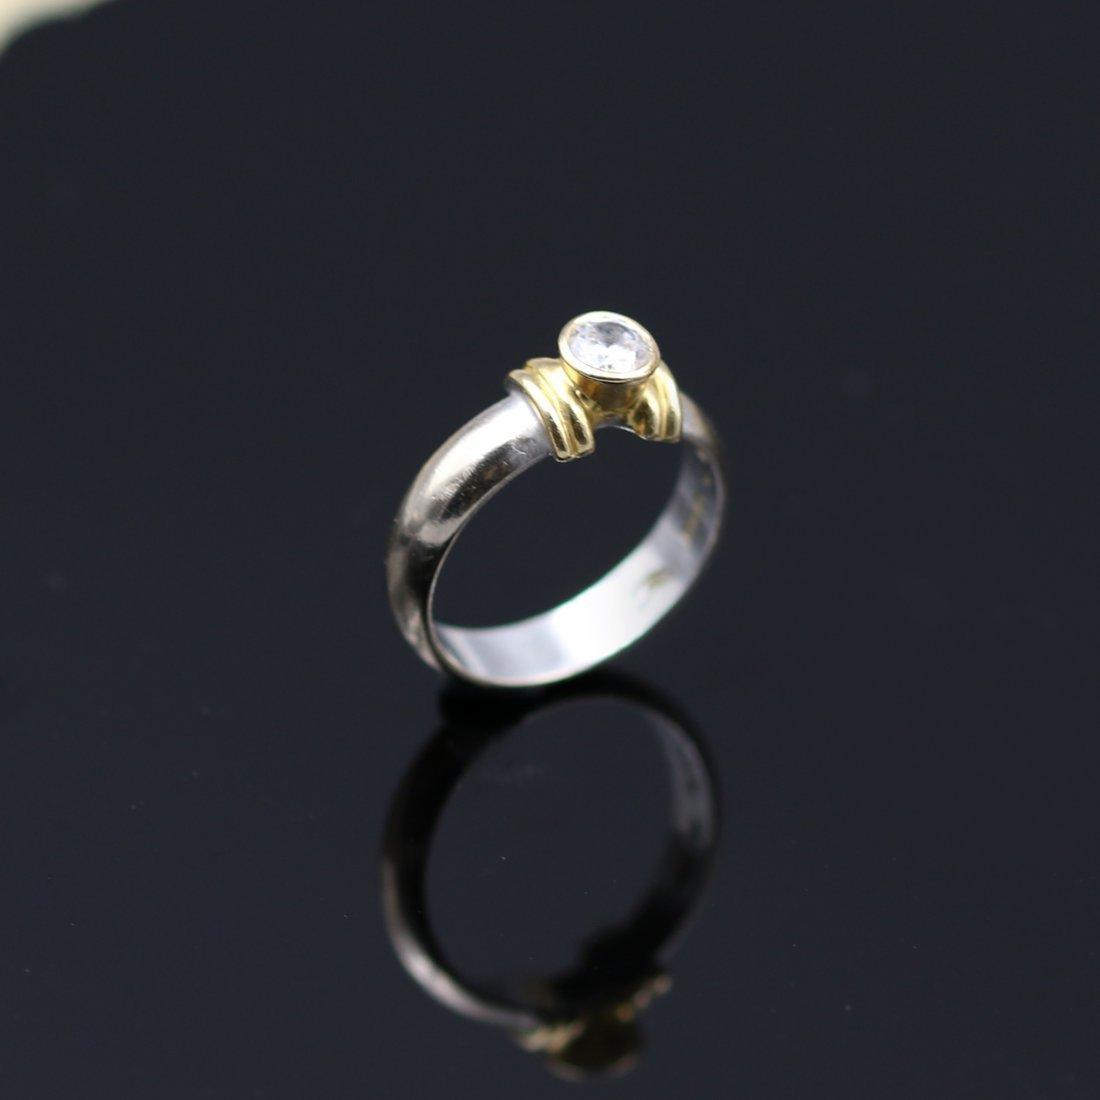 18k Yellow / White Gold Ring. - 3